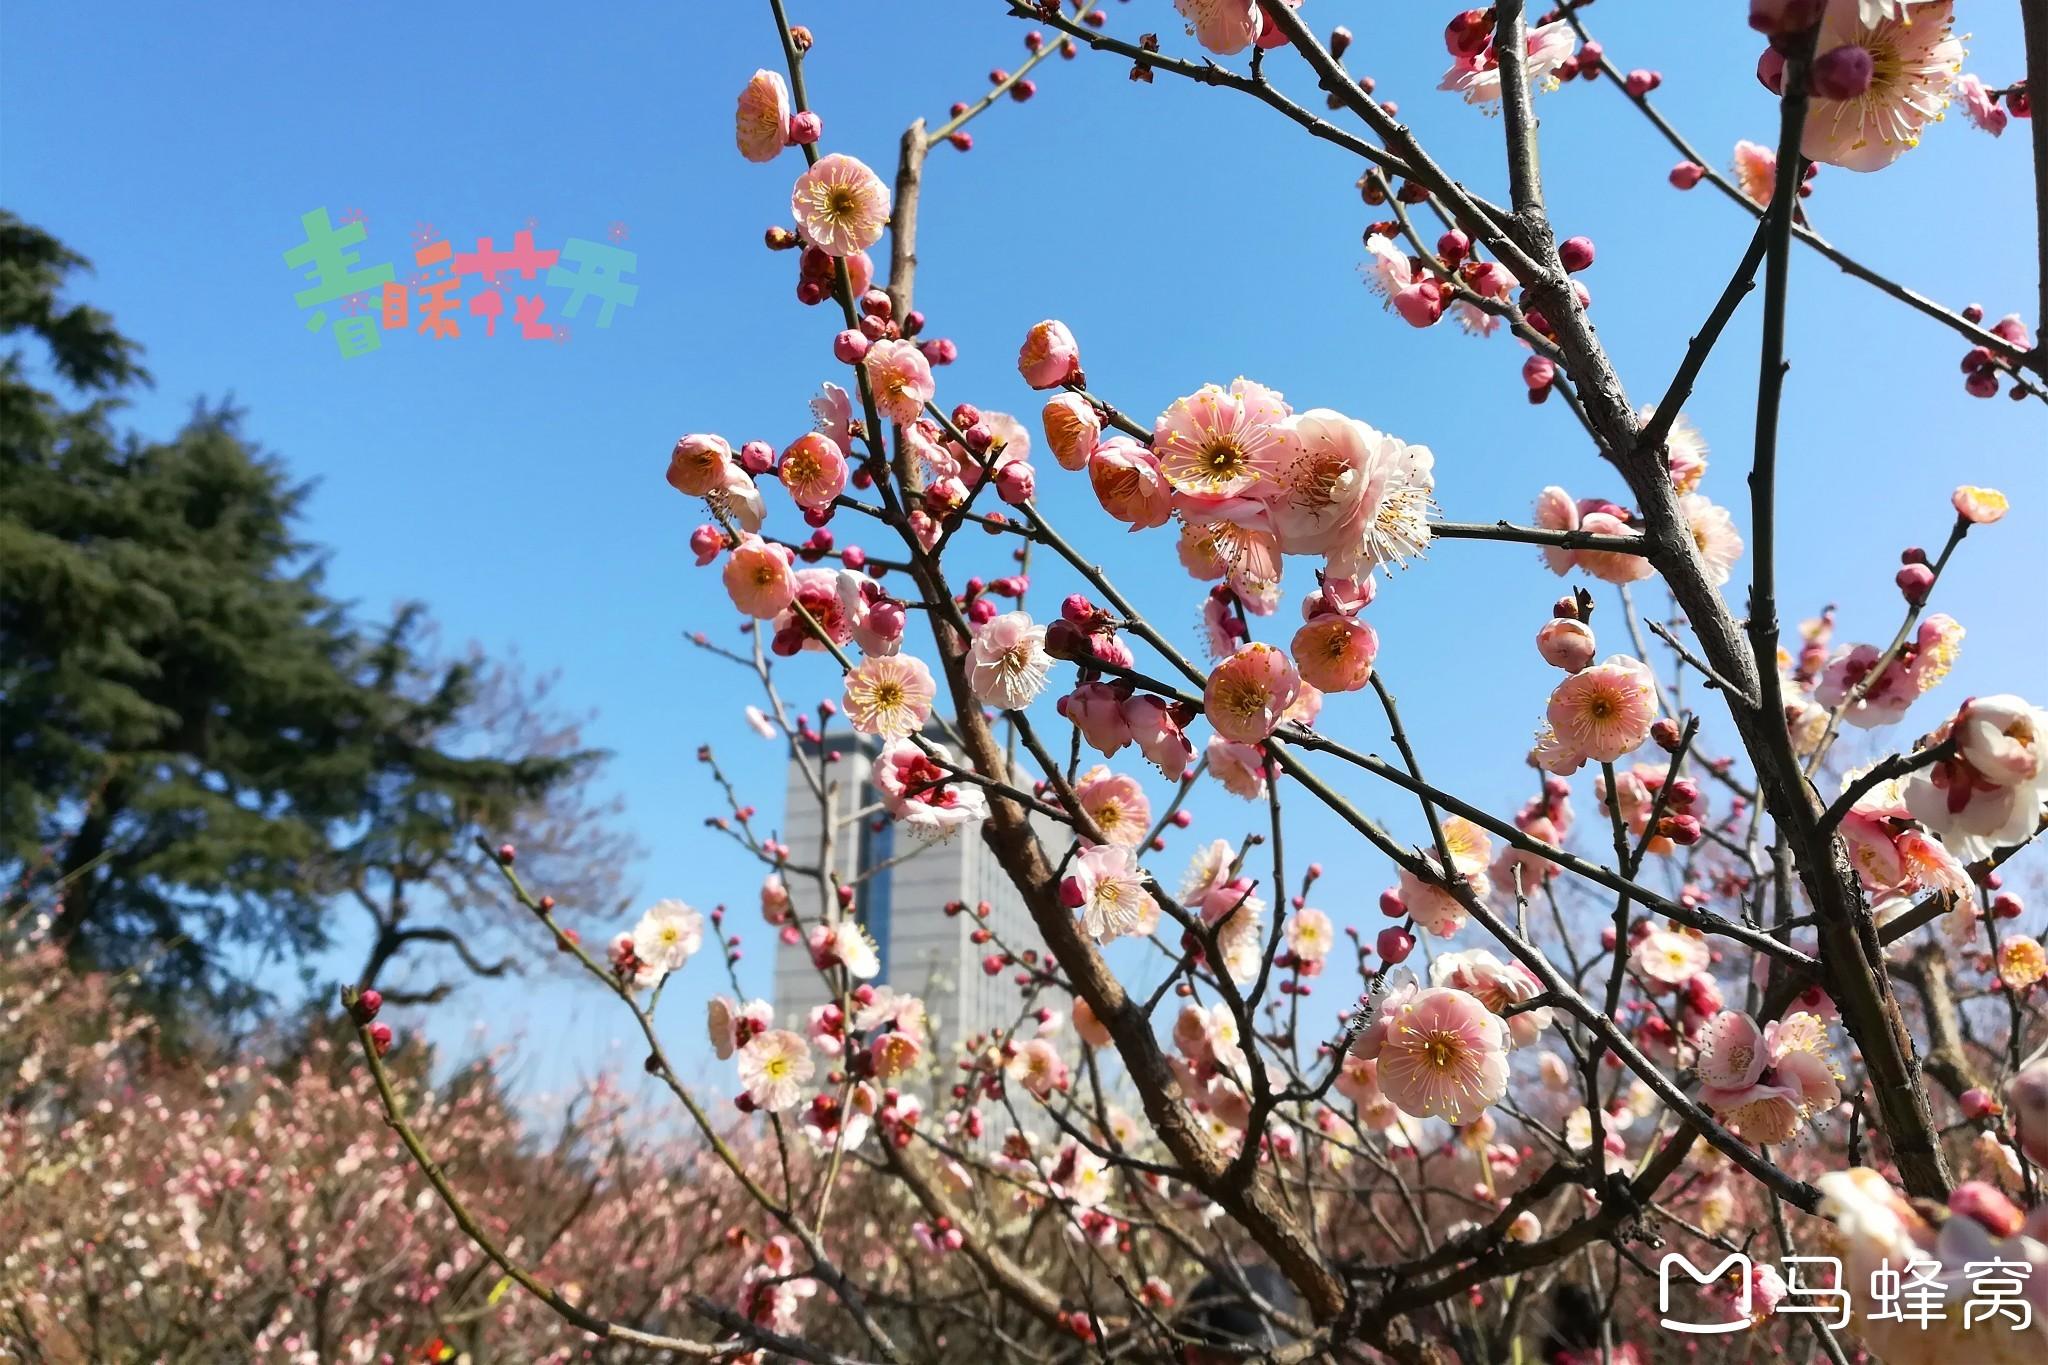 南京哪里赏花好,南京赏花好去处,南京赏花地点有哪些